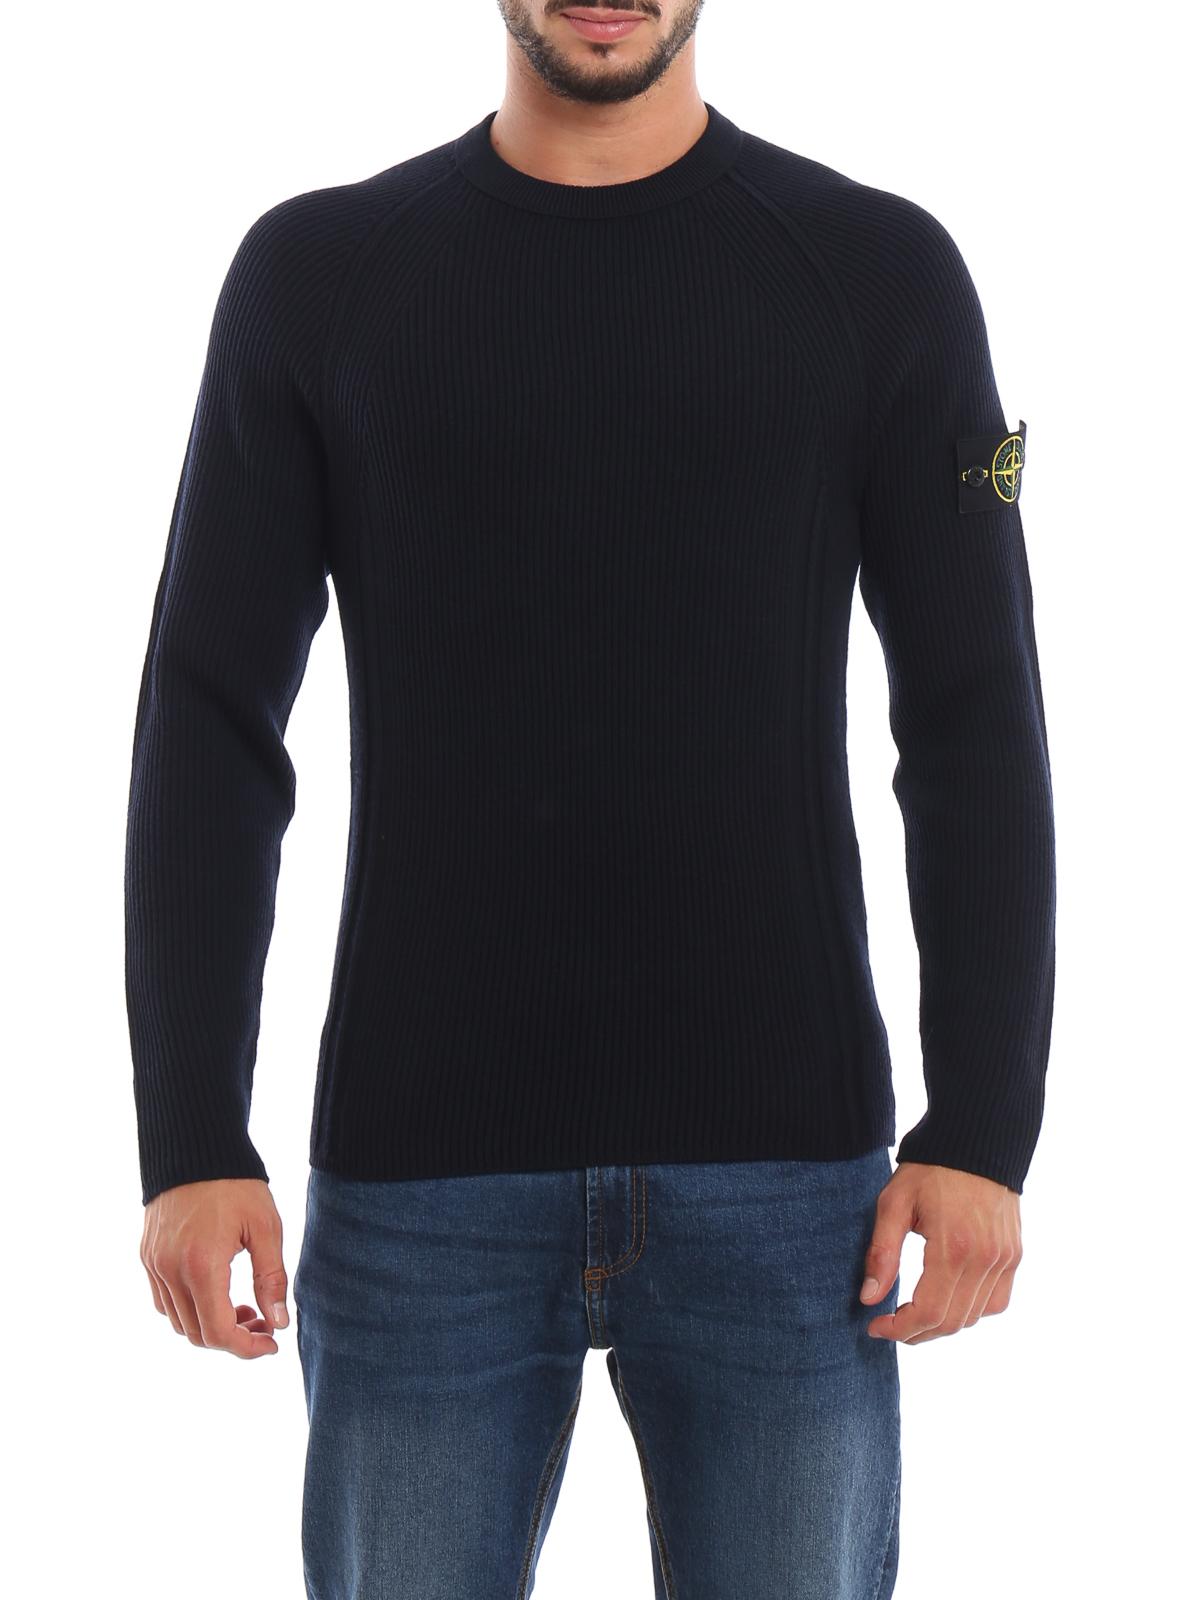 selezione premium 437b1 17d37 Stone Island - Girocollo in lana a coste inglesi - maglia ...